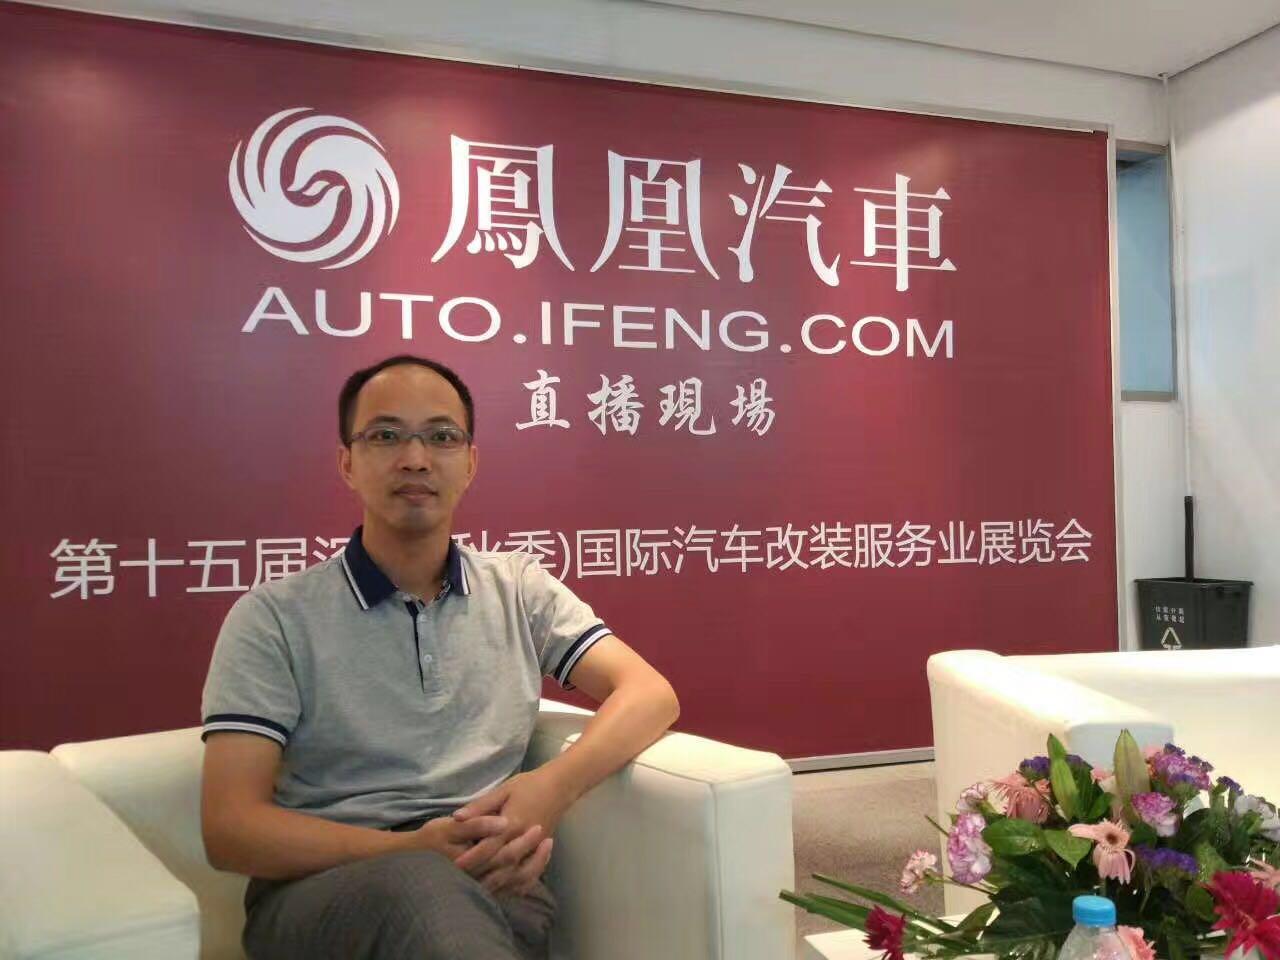 凤凰汽车:汽车后市场互联网 专访掌上车店倪晓远